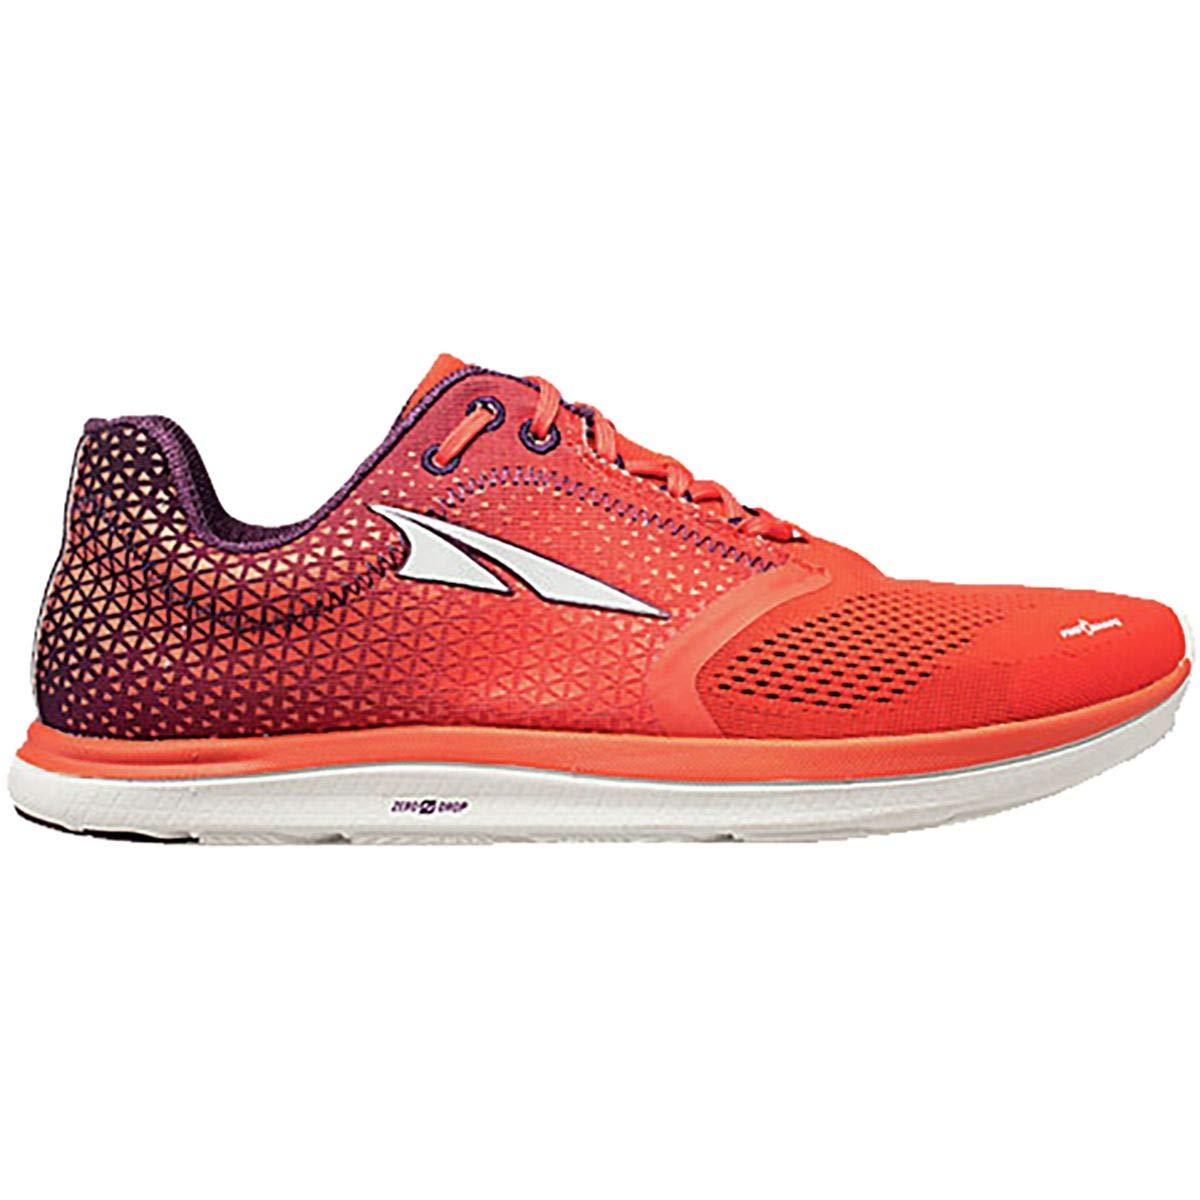 好きに [オルトラ] [オルトラ] B07NZM8Z52 レディース ランニング Solstice Running Shoe Shoe [並行輸入品] B07NZM8Z52 10, 沖縄厳選グルメ専門店 山将:d9e883f7 --- afisc.net